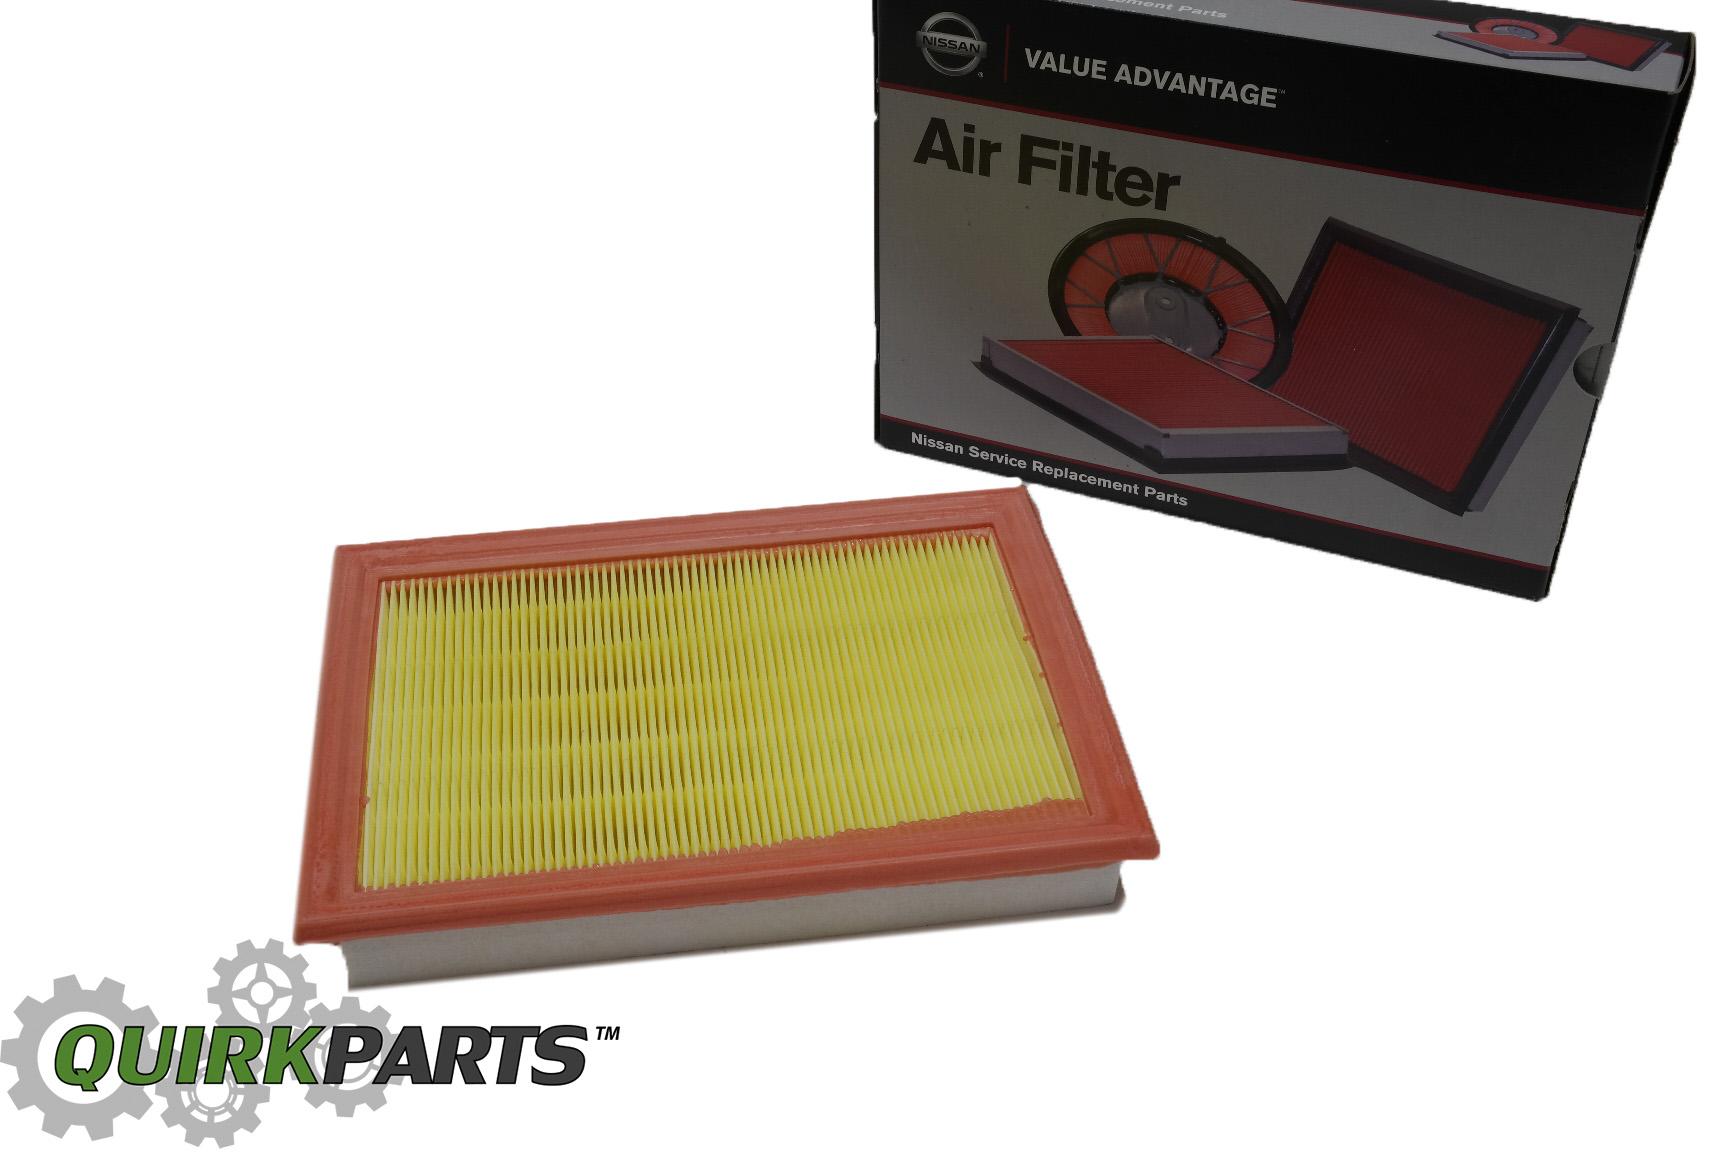 nissan engine air filter 300zx juke rogue sentra af54m 30p0jnw value adv ebay. Black Bedroom Furniture Sets. Home Design Ideas